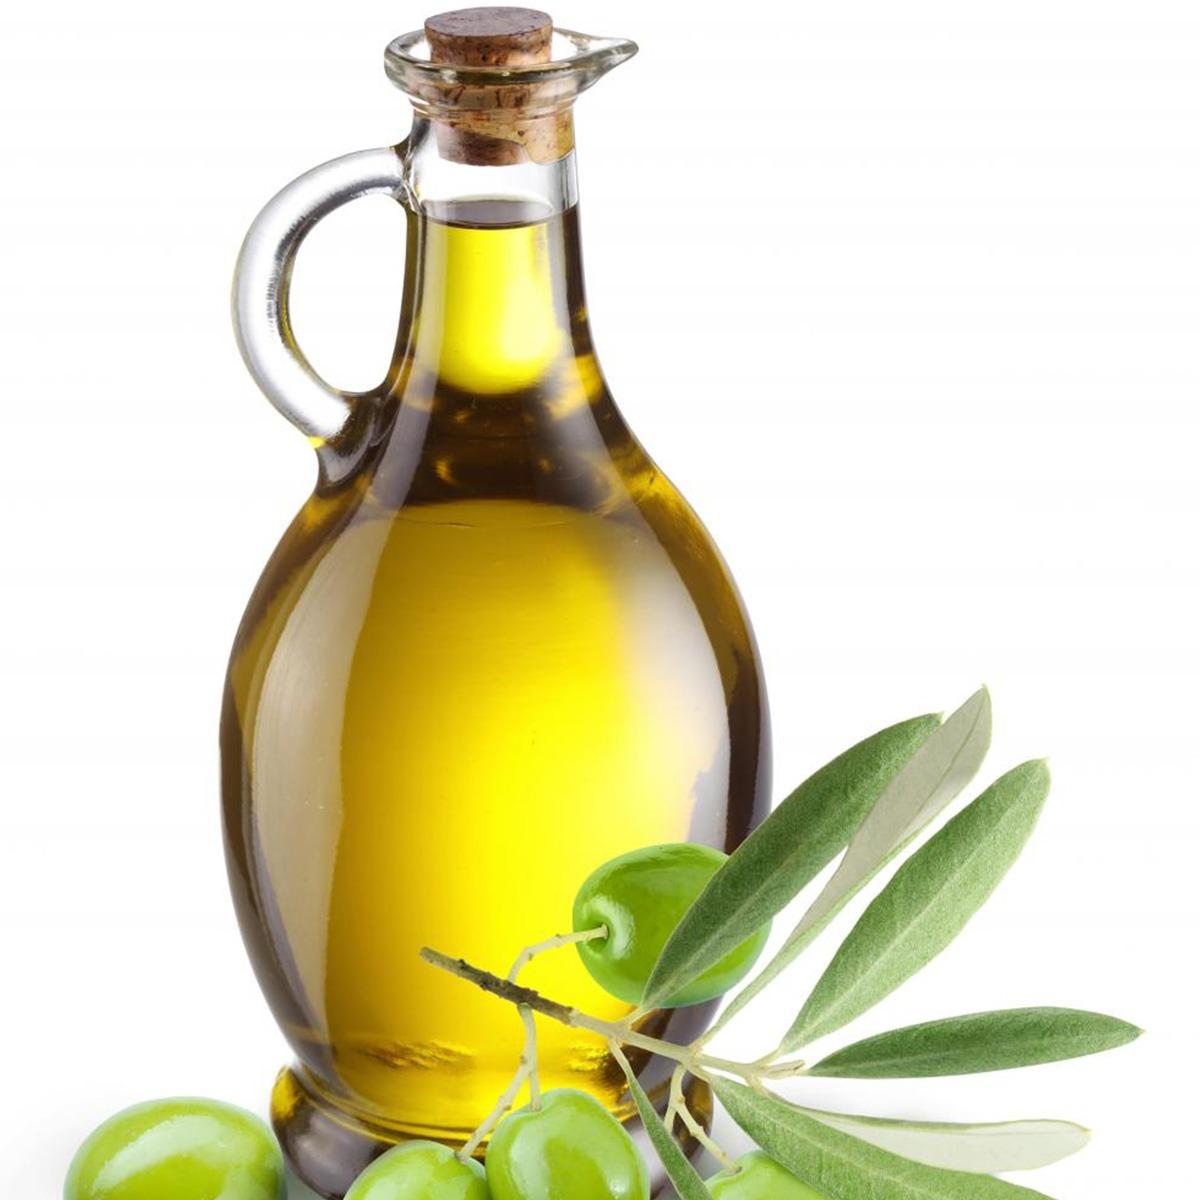 La ce se foloseste uleiul de masline